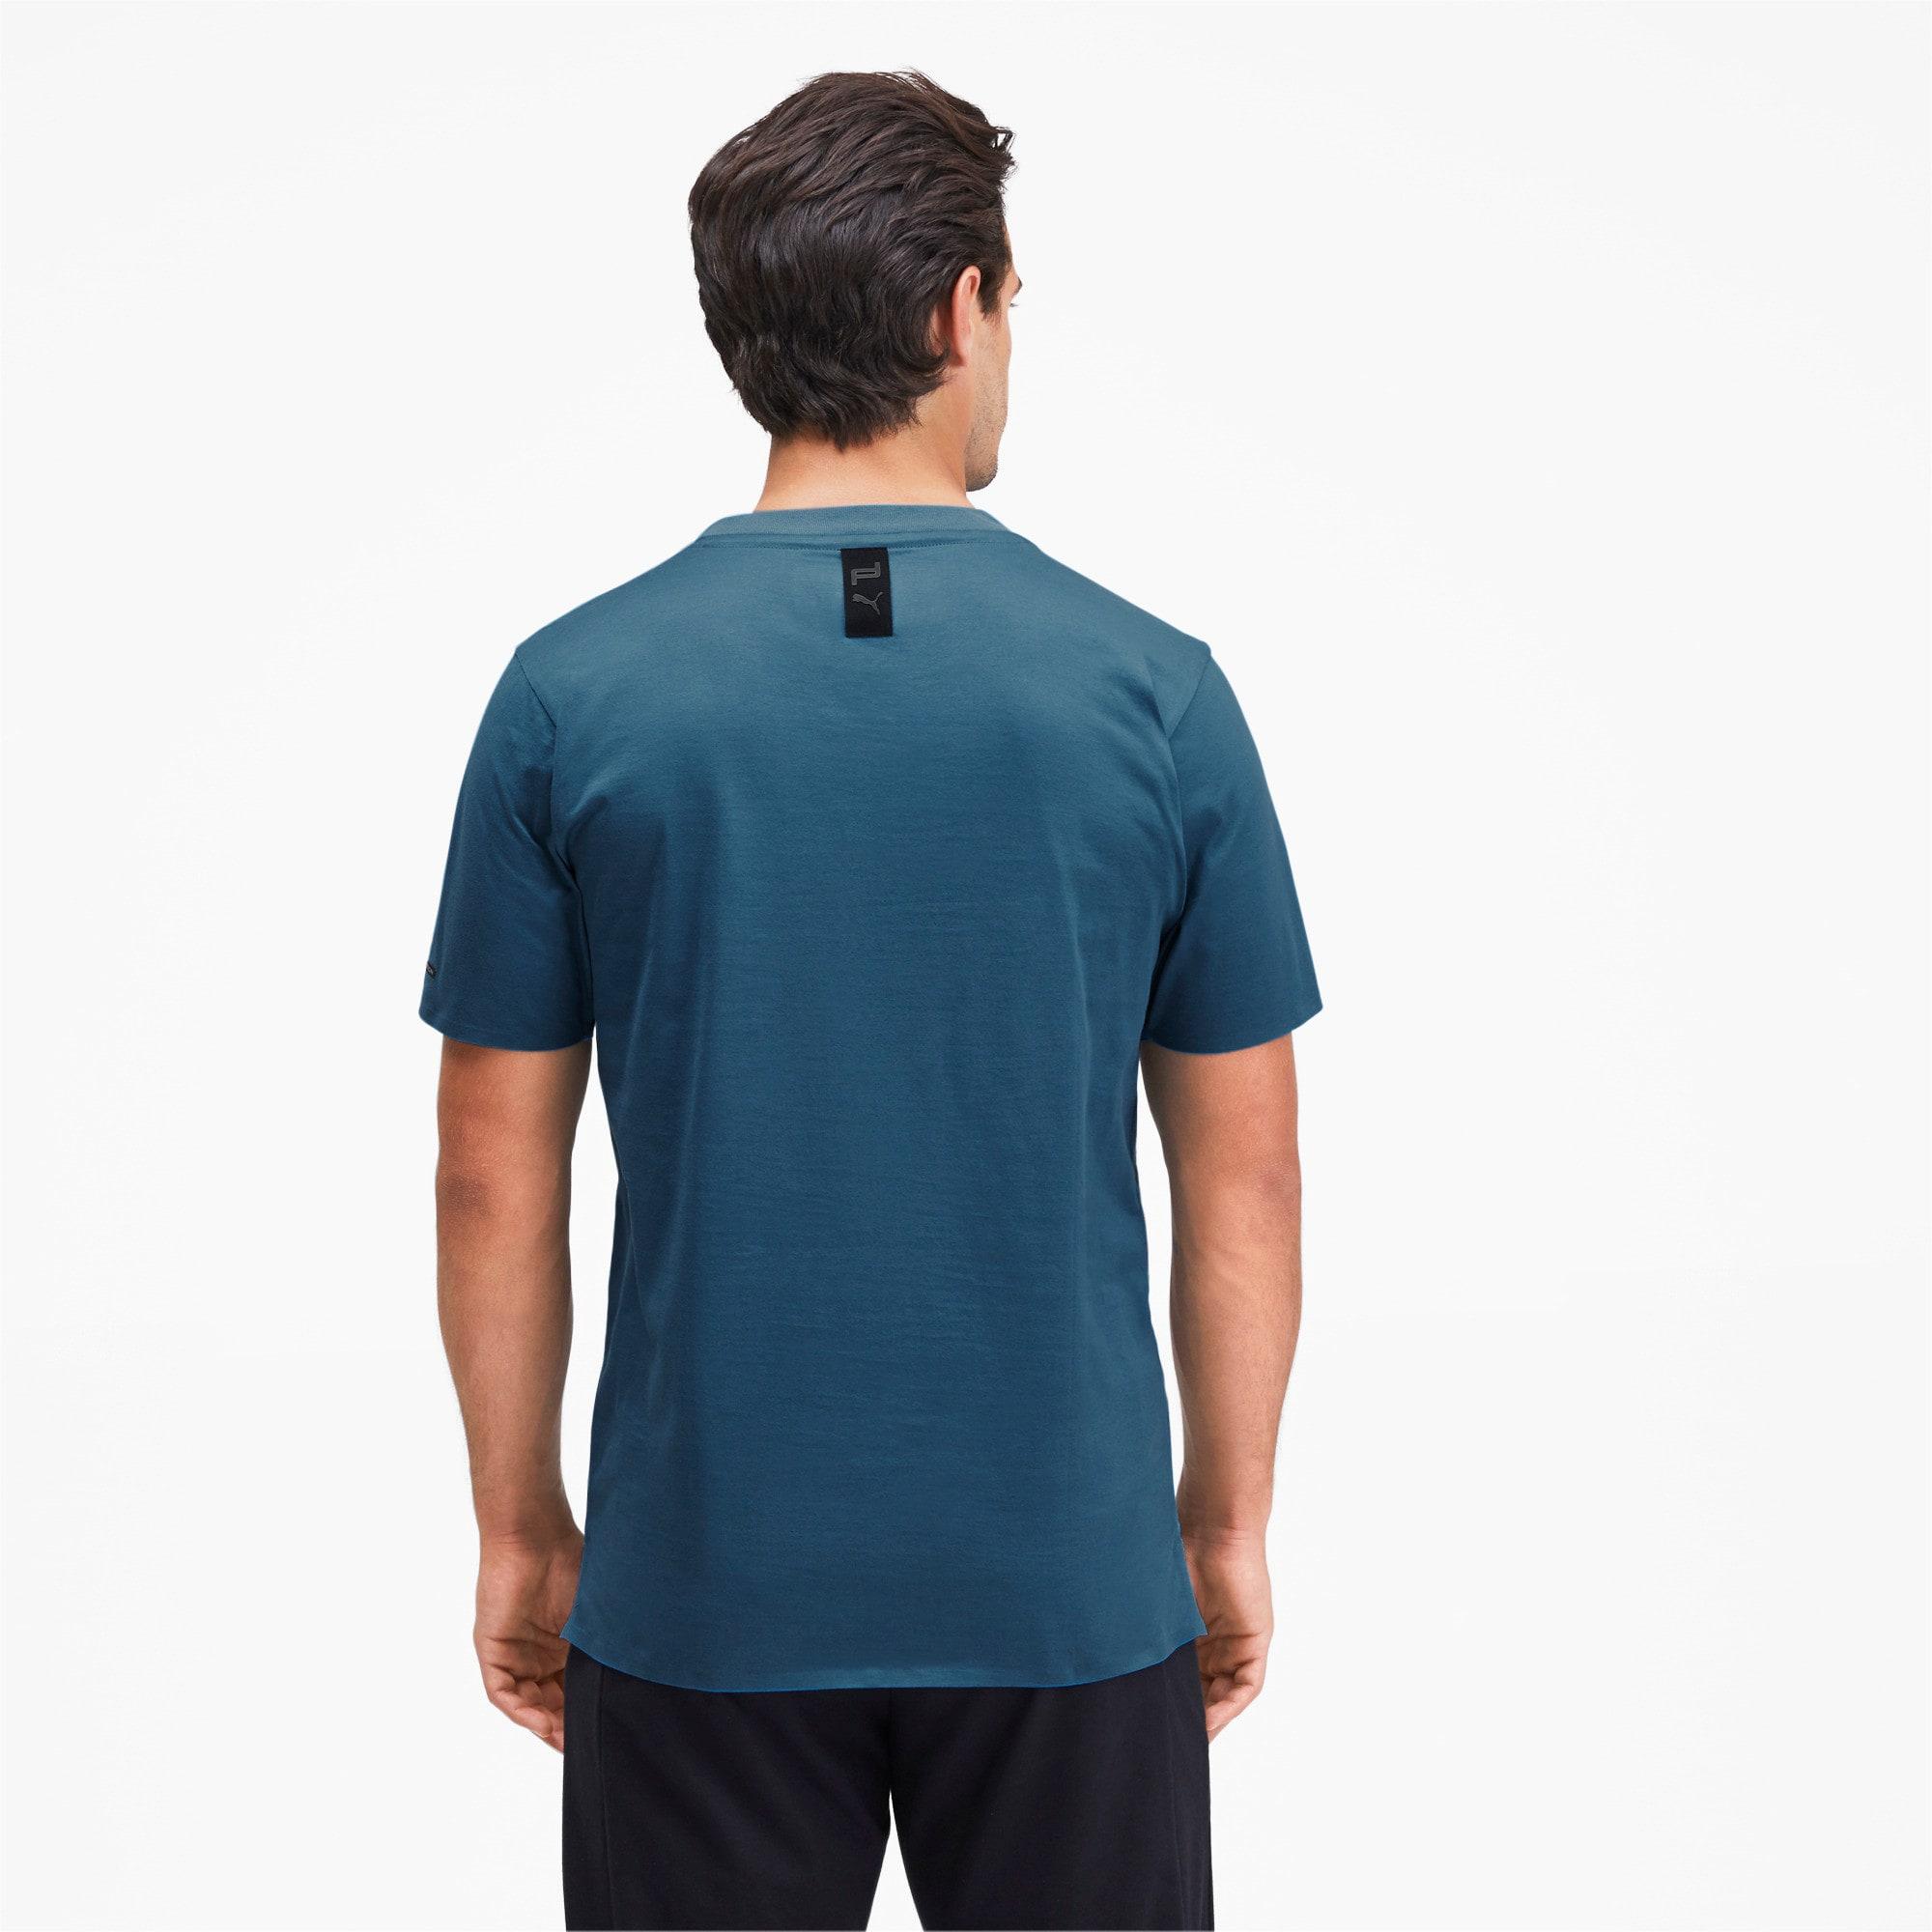 Thumbnail 2 of M ポルシェデザイン PD グラフィック Tシャツ, Moroccan Blue, medium-JPN